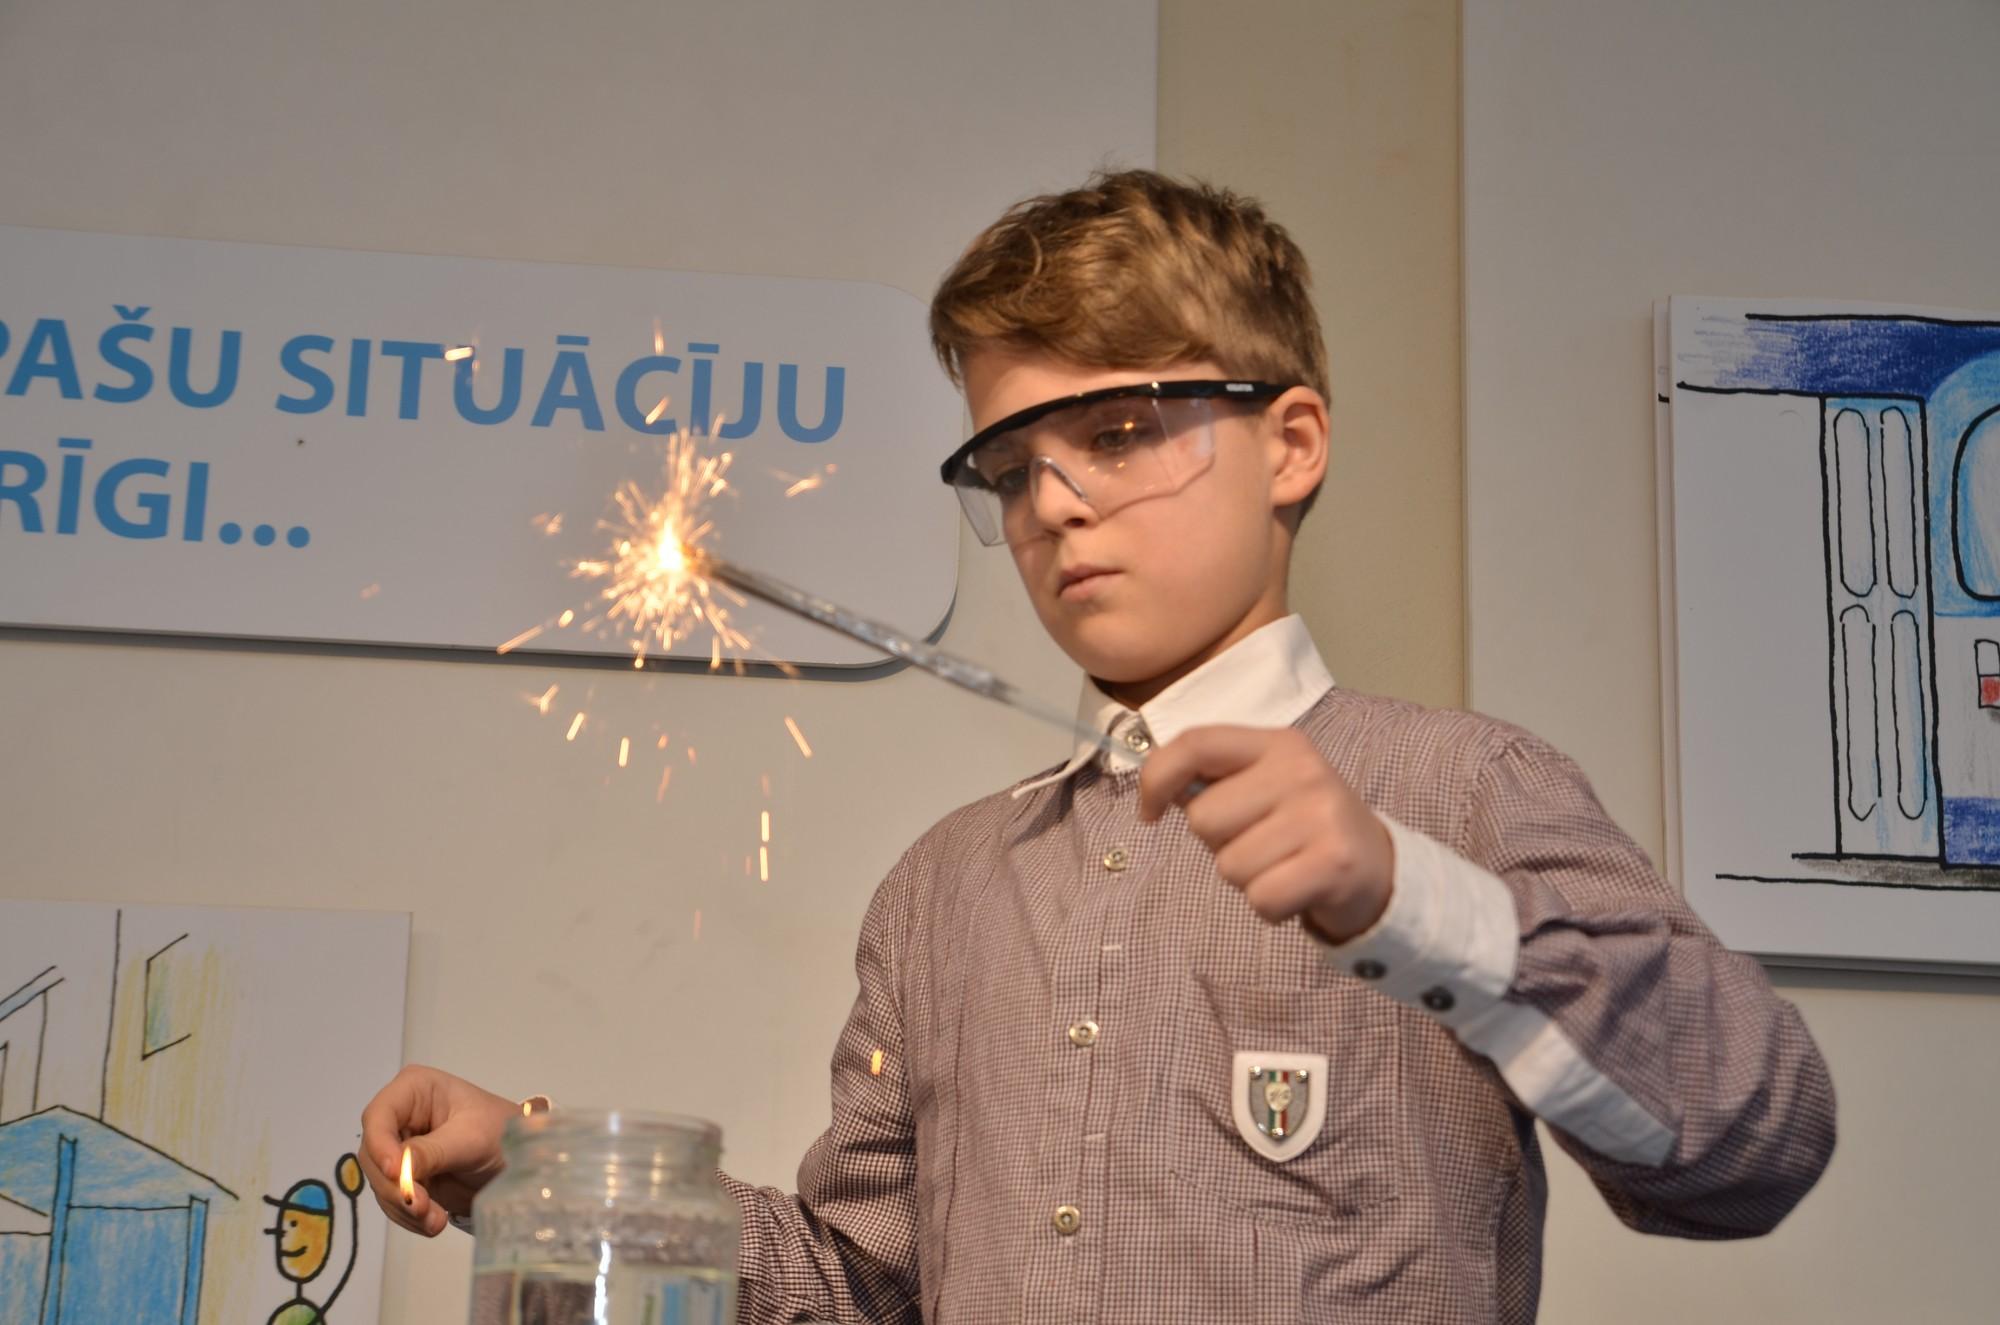 Skolēni demonstrē fizikas un ķīmijas eksperimentus